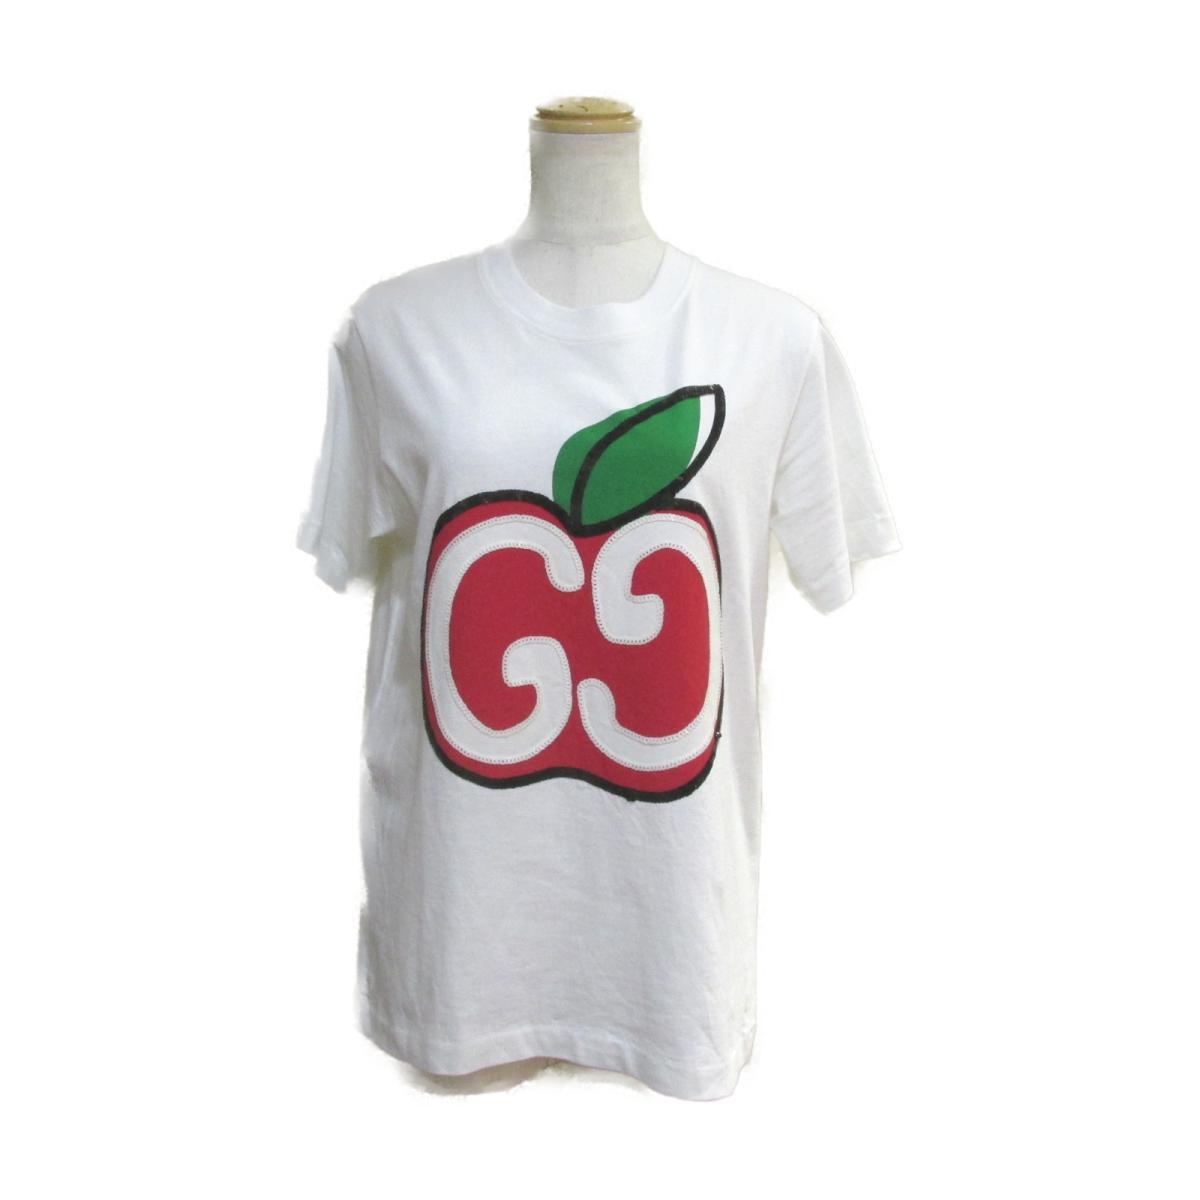 グッチ Tシャツ 衣料品 レディース コットン ホワイトxレッドxグリーン 【中古】 | GUCCI BRANDOFF ブランドオフ 衣類 ブランド トップス シャツ カットソー